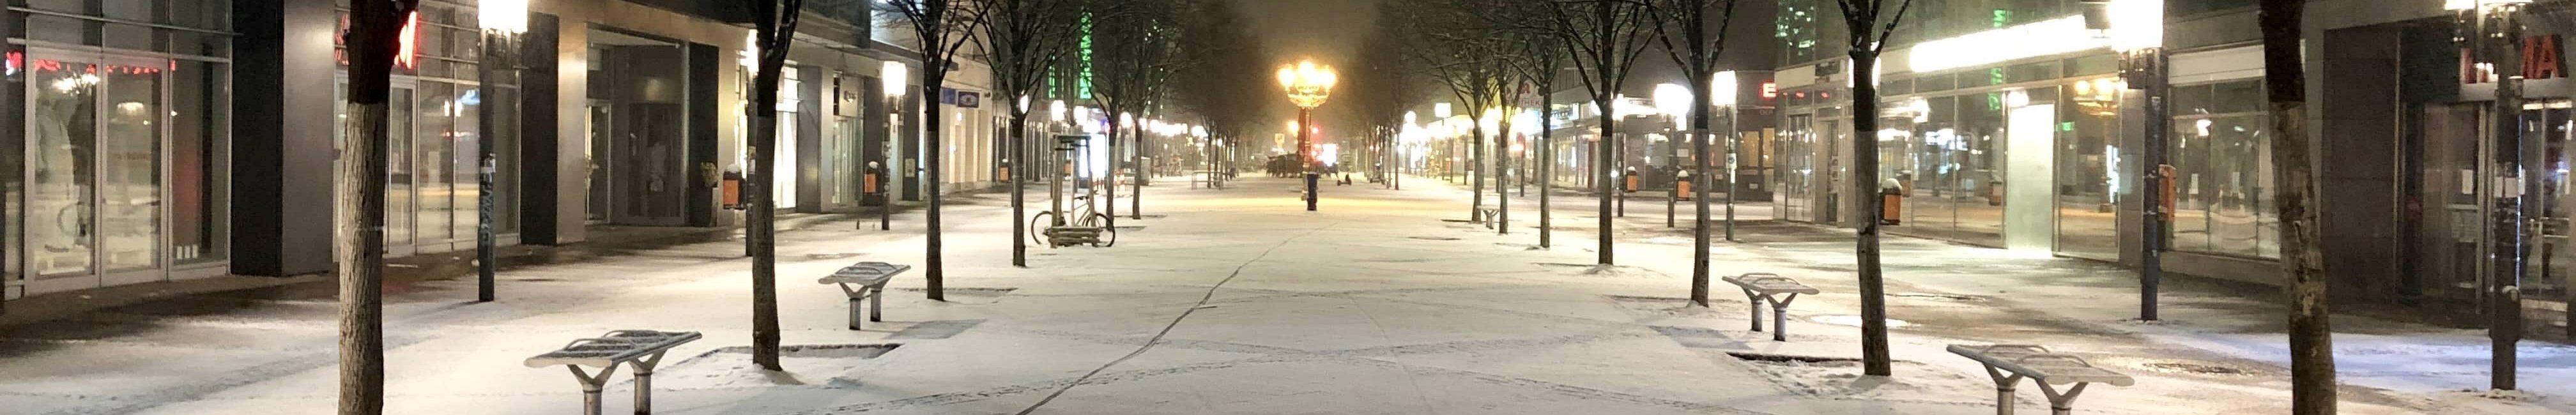 Wilmersdorfer Straße mit frischer Schneedecke.